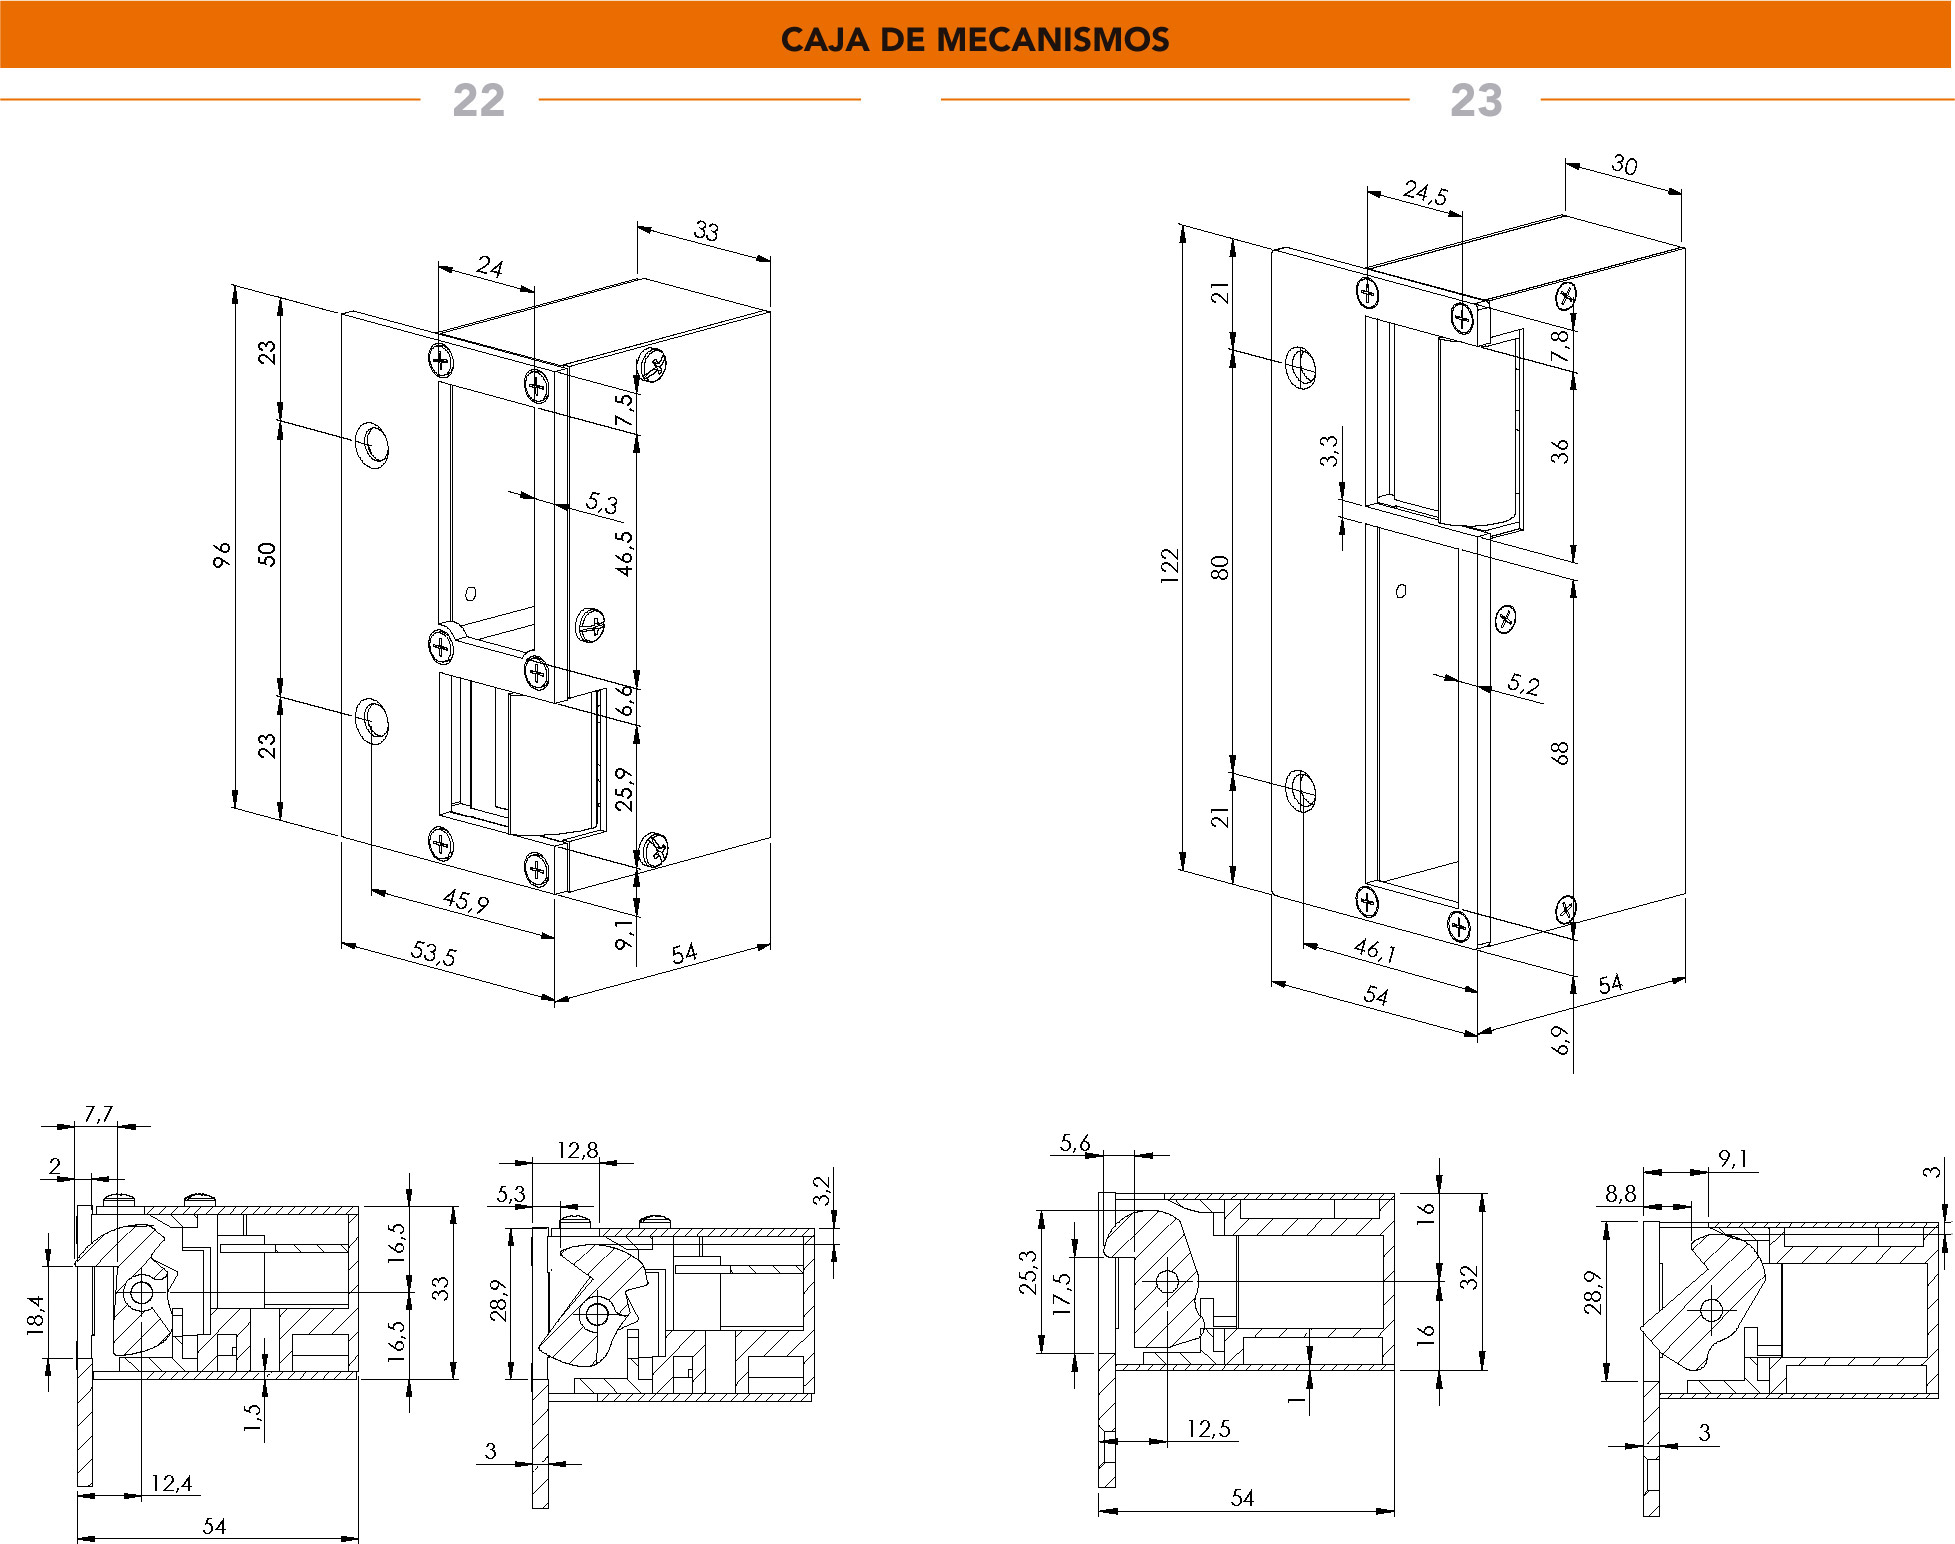 S22-23_mecanismos